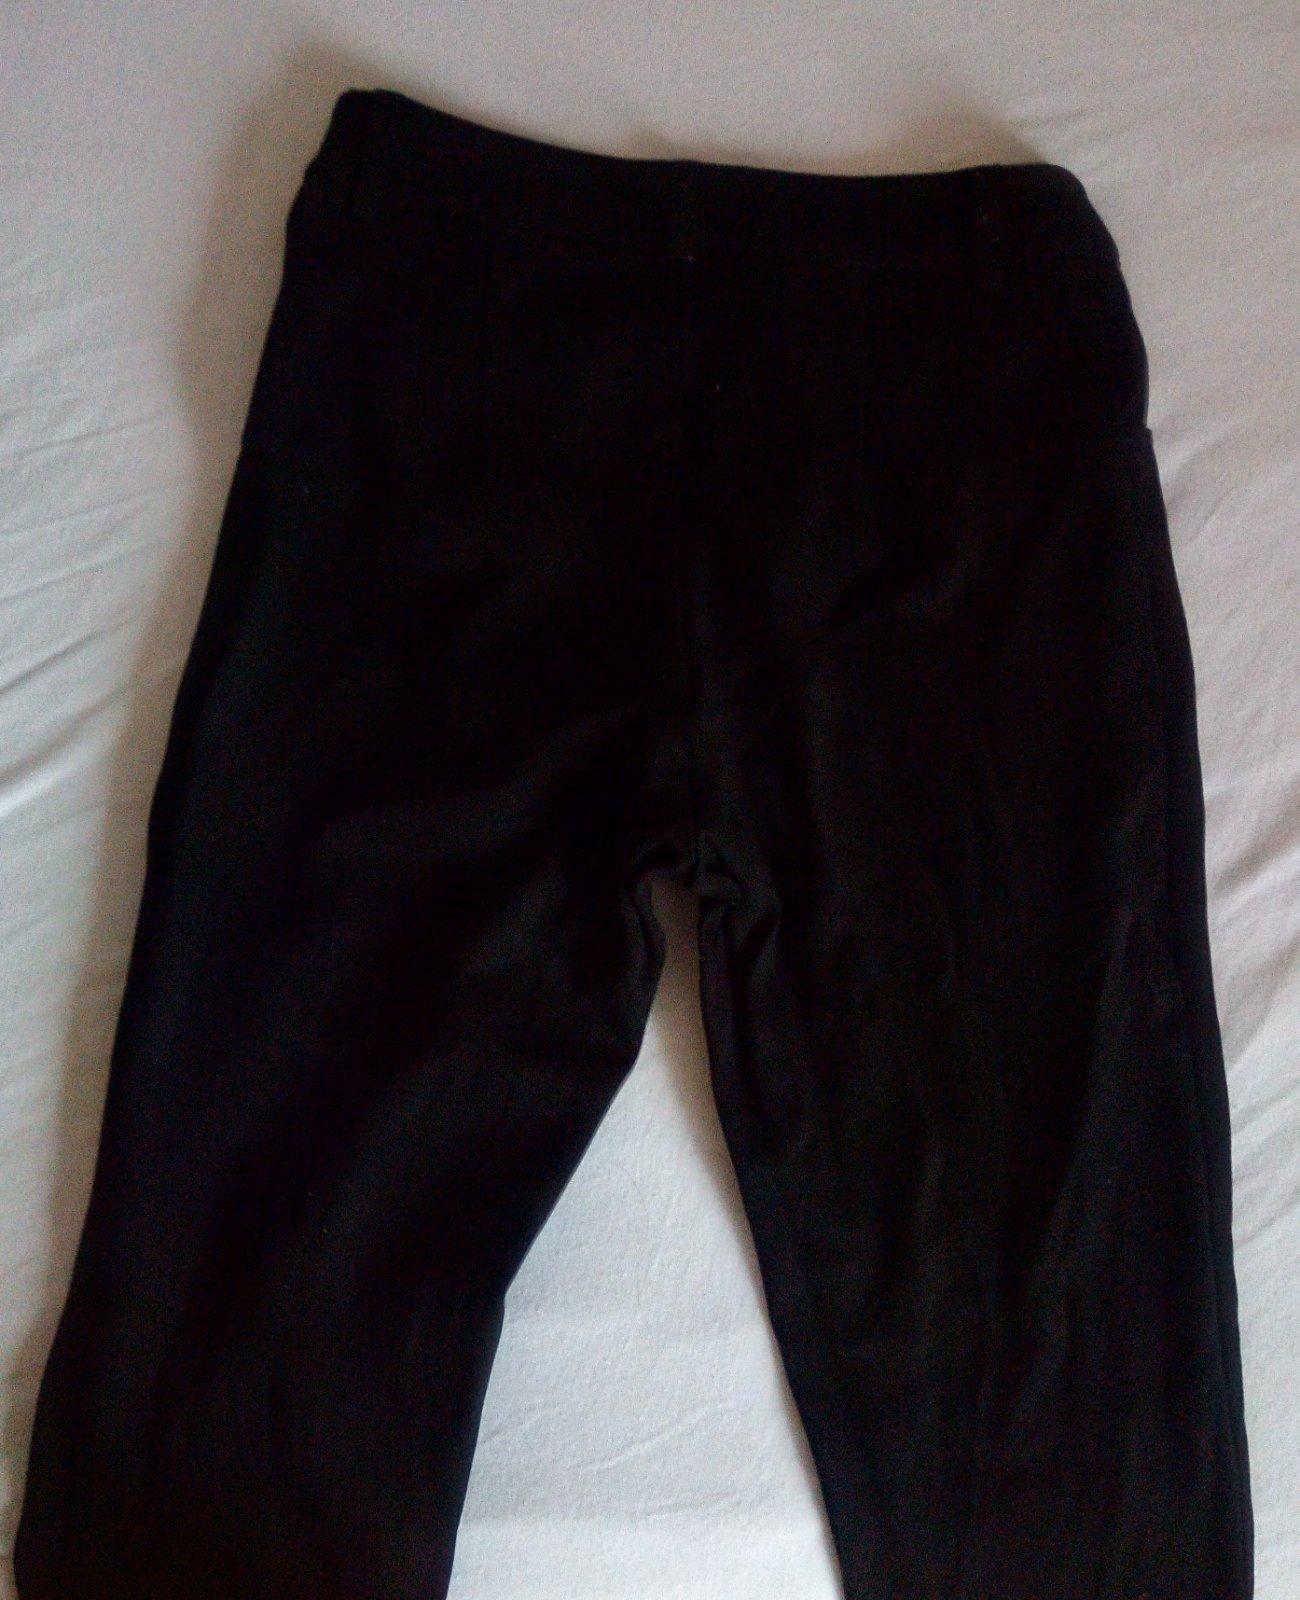 Čierne nohavice S - Obrázok č. 3